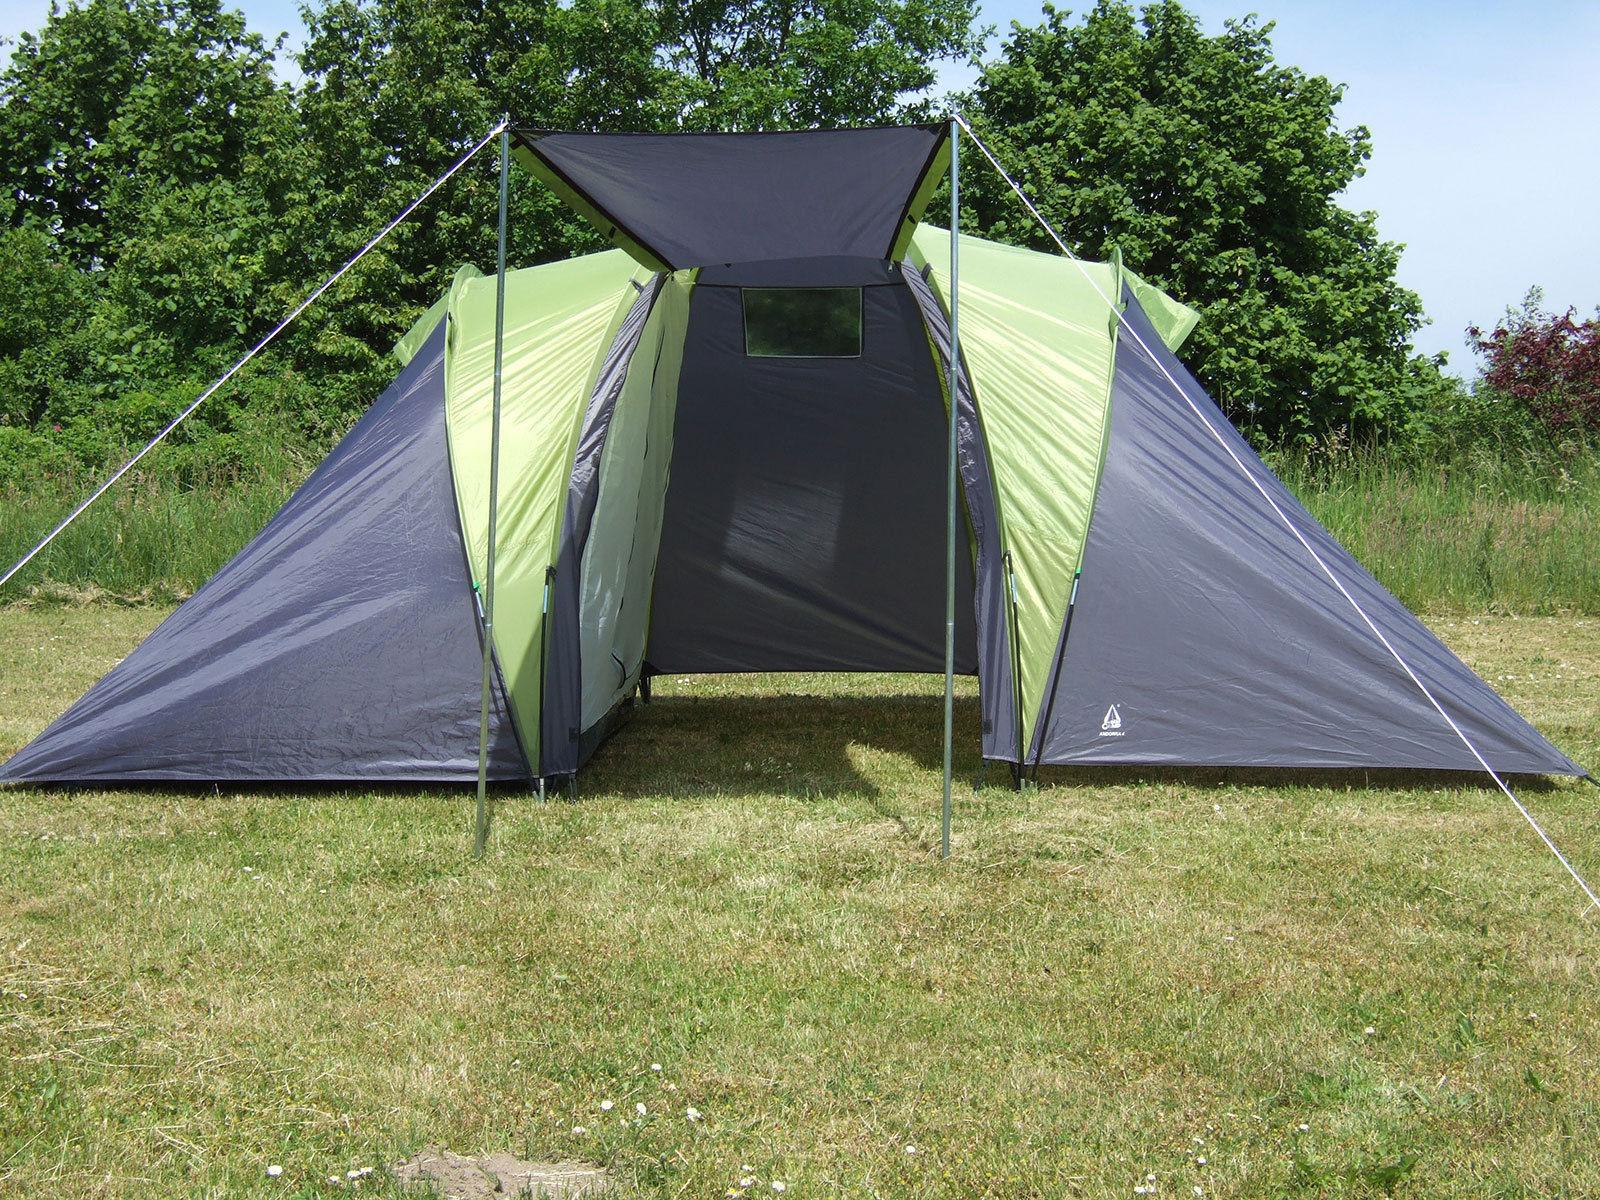 Zelt Explorer 4 : Explorer zelt sierra personen mann camping familienzelt